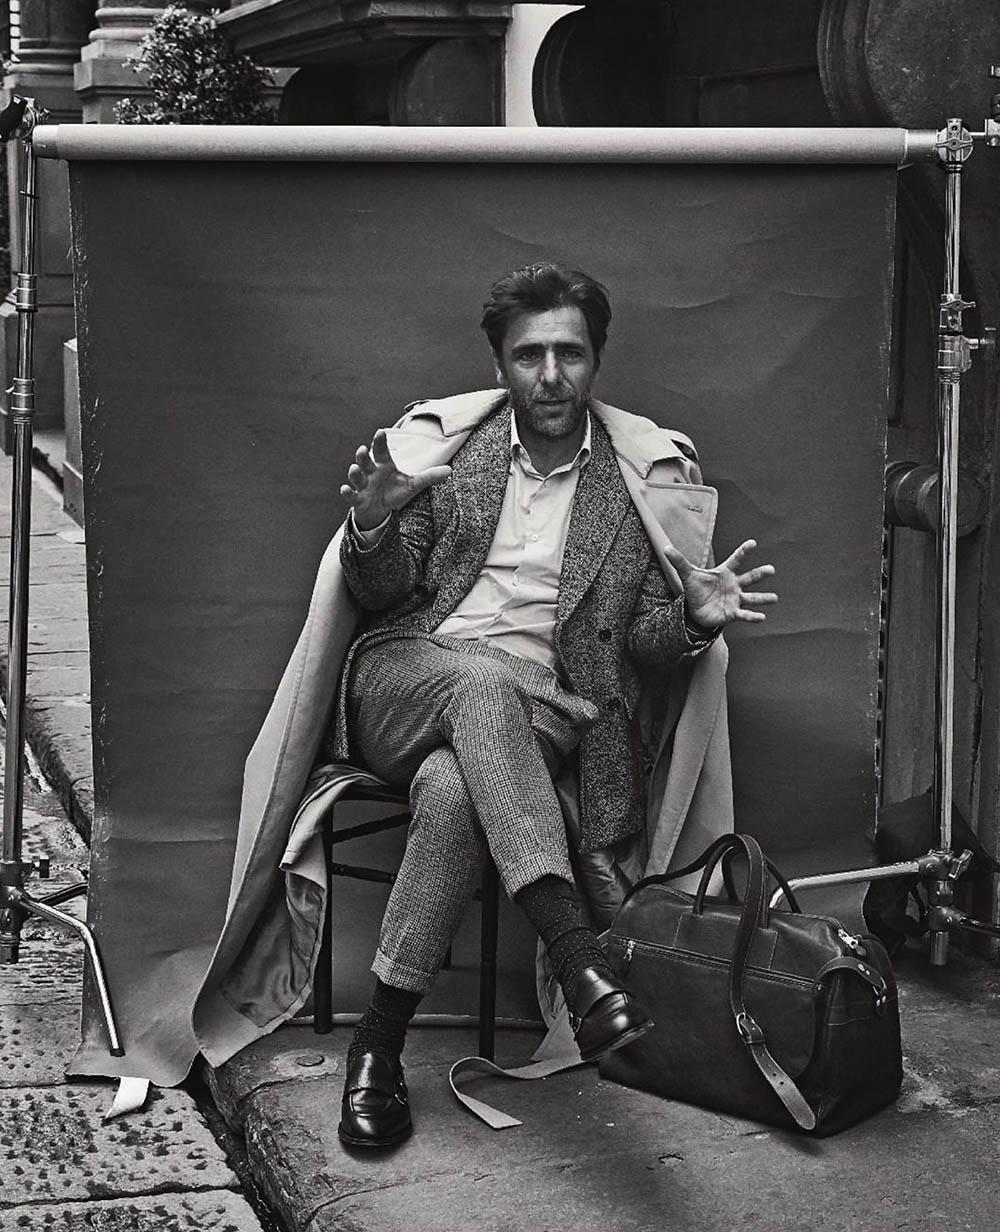 Adriano Giannini covers Esquire Italia June 2019 by Lorenzo Bringheli